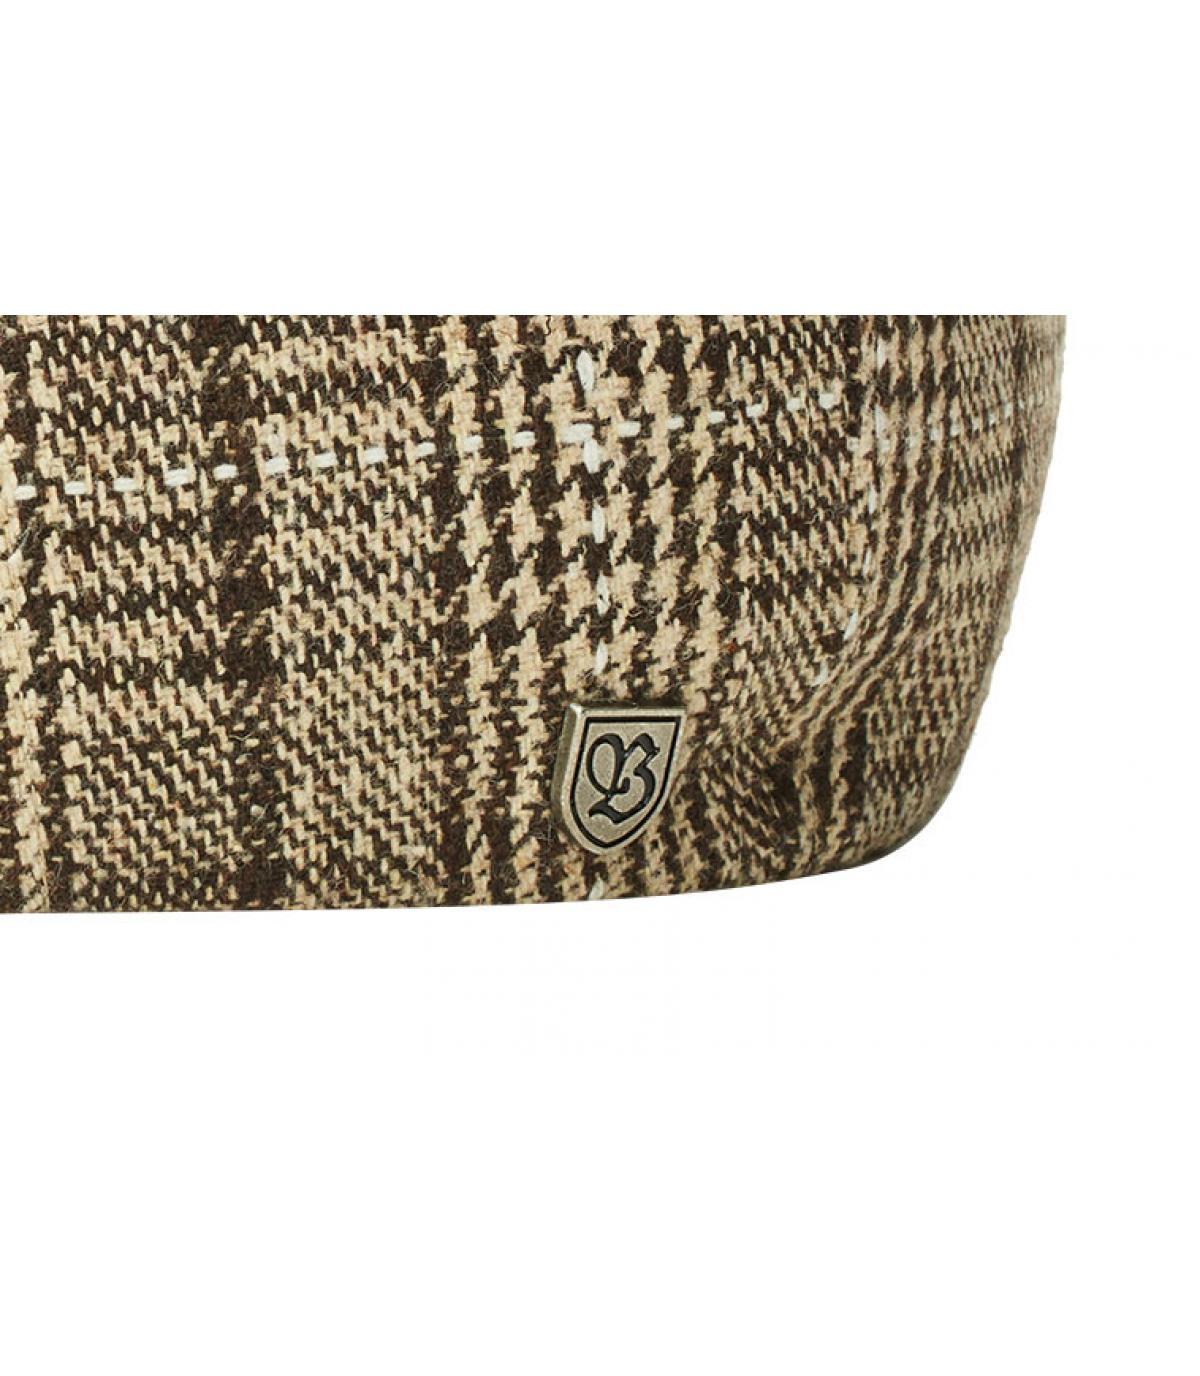 Dettagli Brood taupe brown - image 3